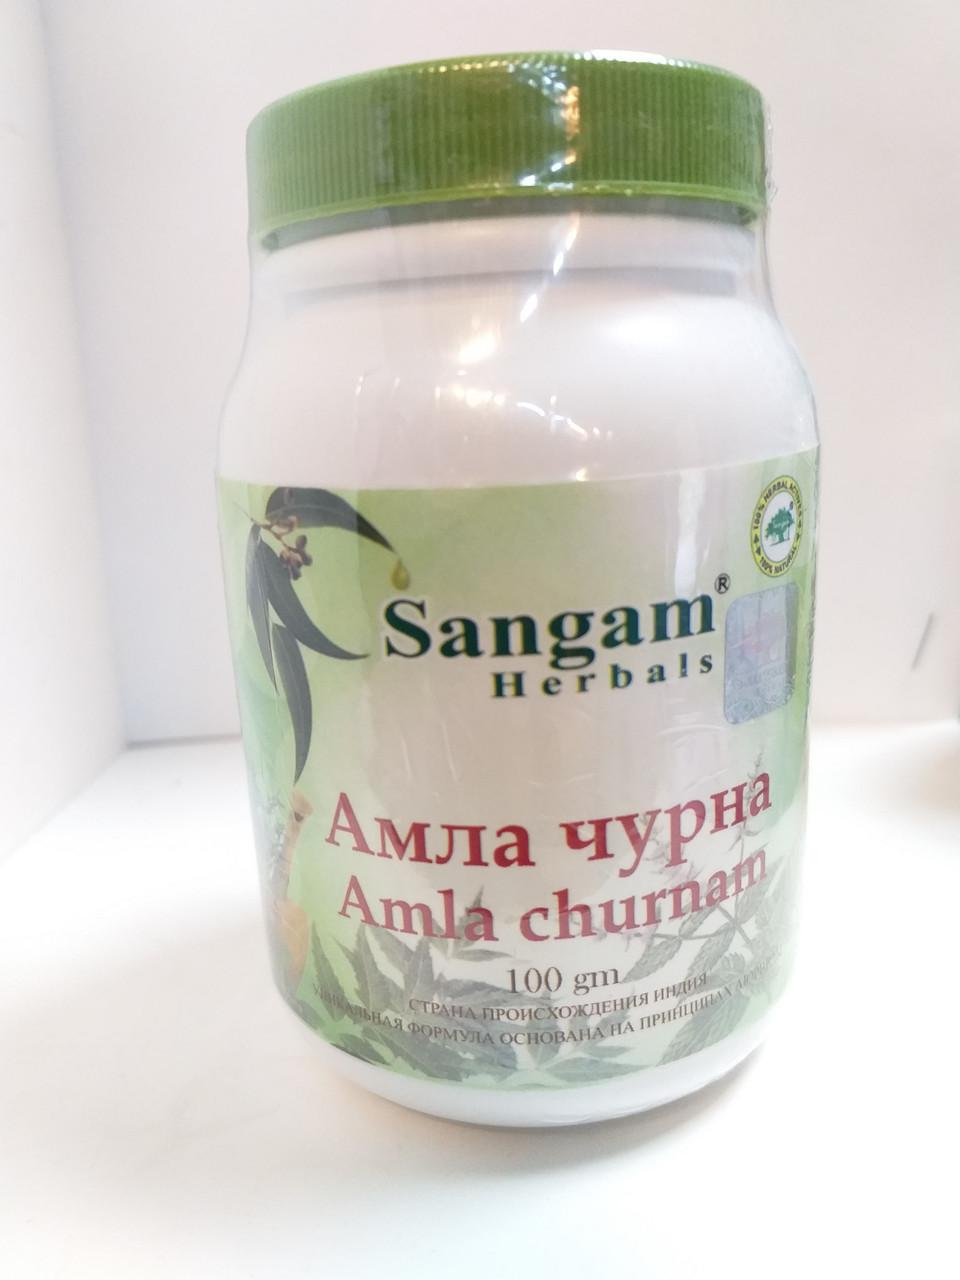 Амла чурна, 100 гр, Сангам, Amla churnam